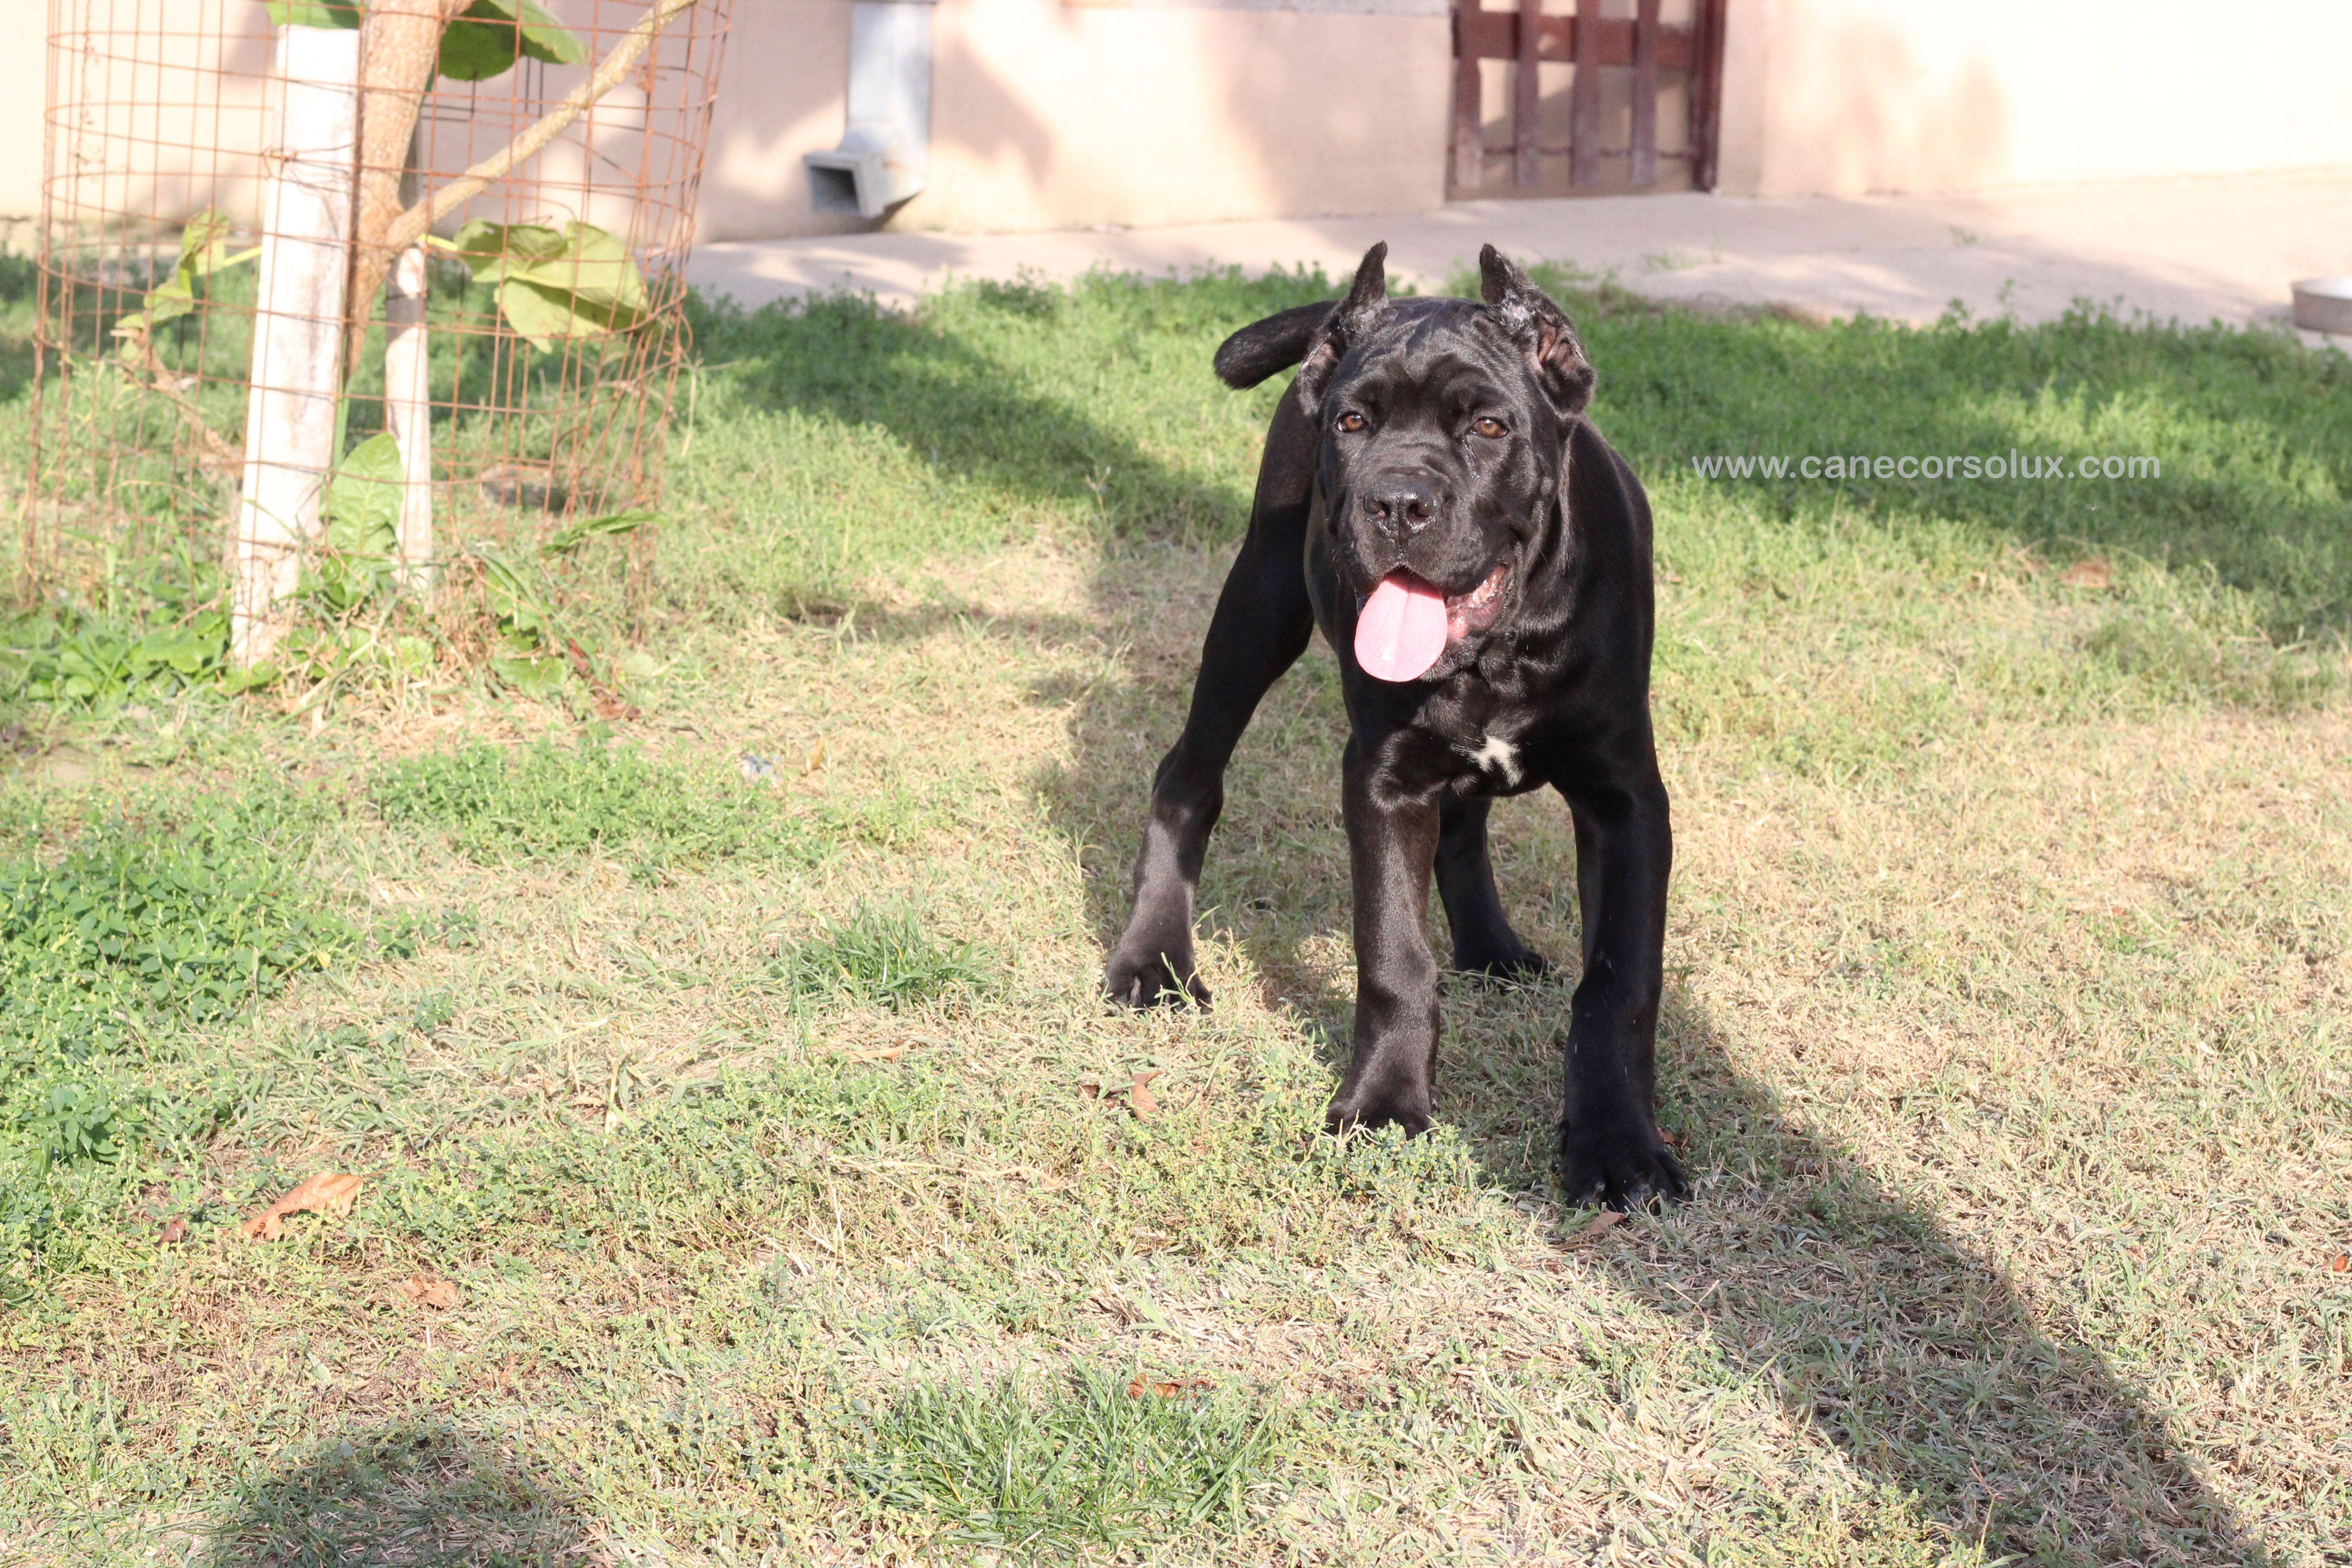 Cane Corso Europe Cane Corso Puppy Kennel Cane Corso Kennel